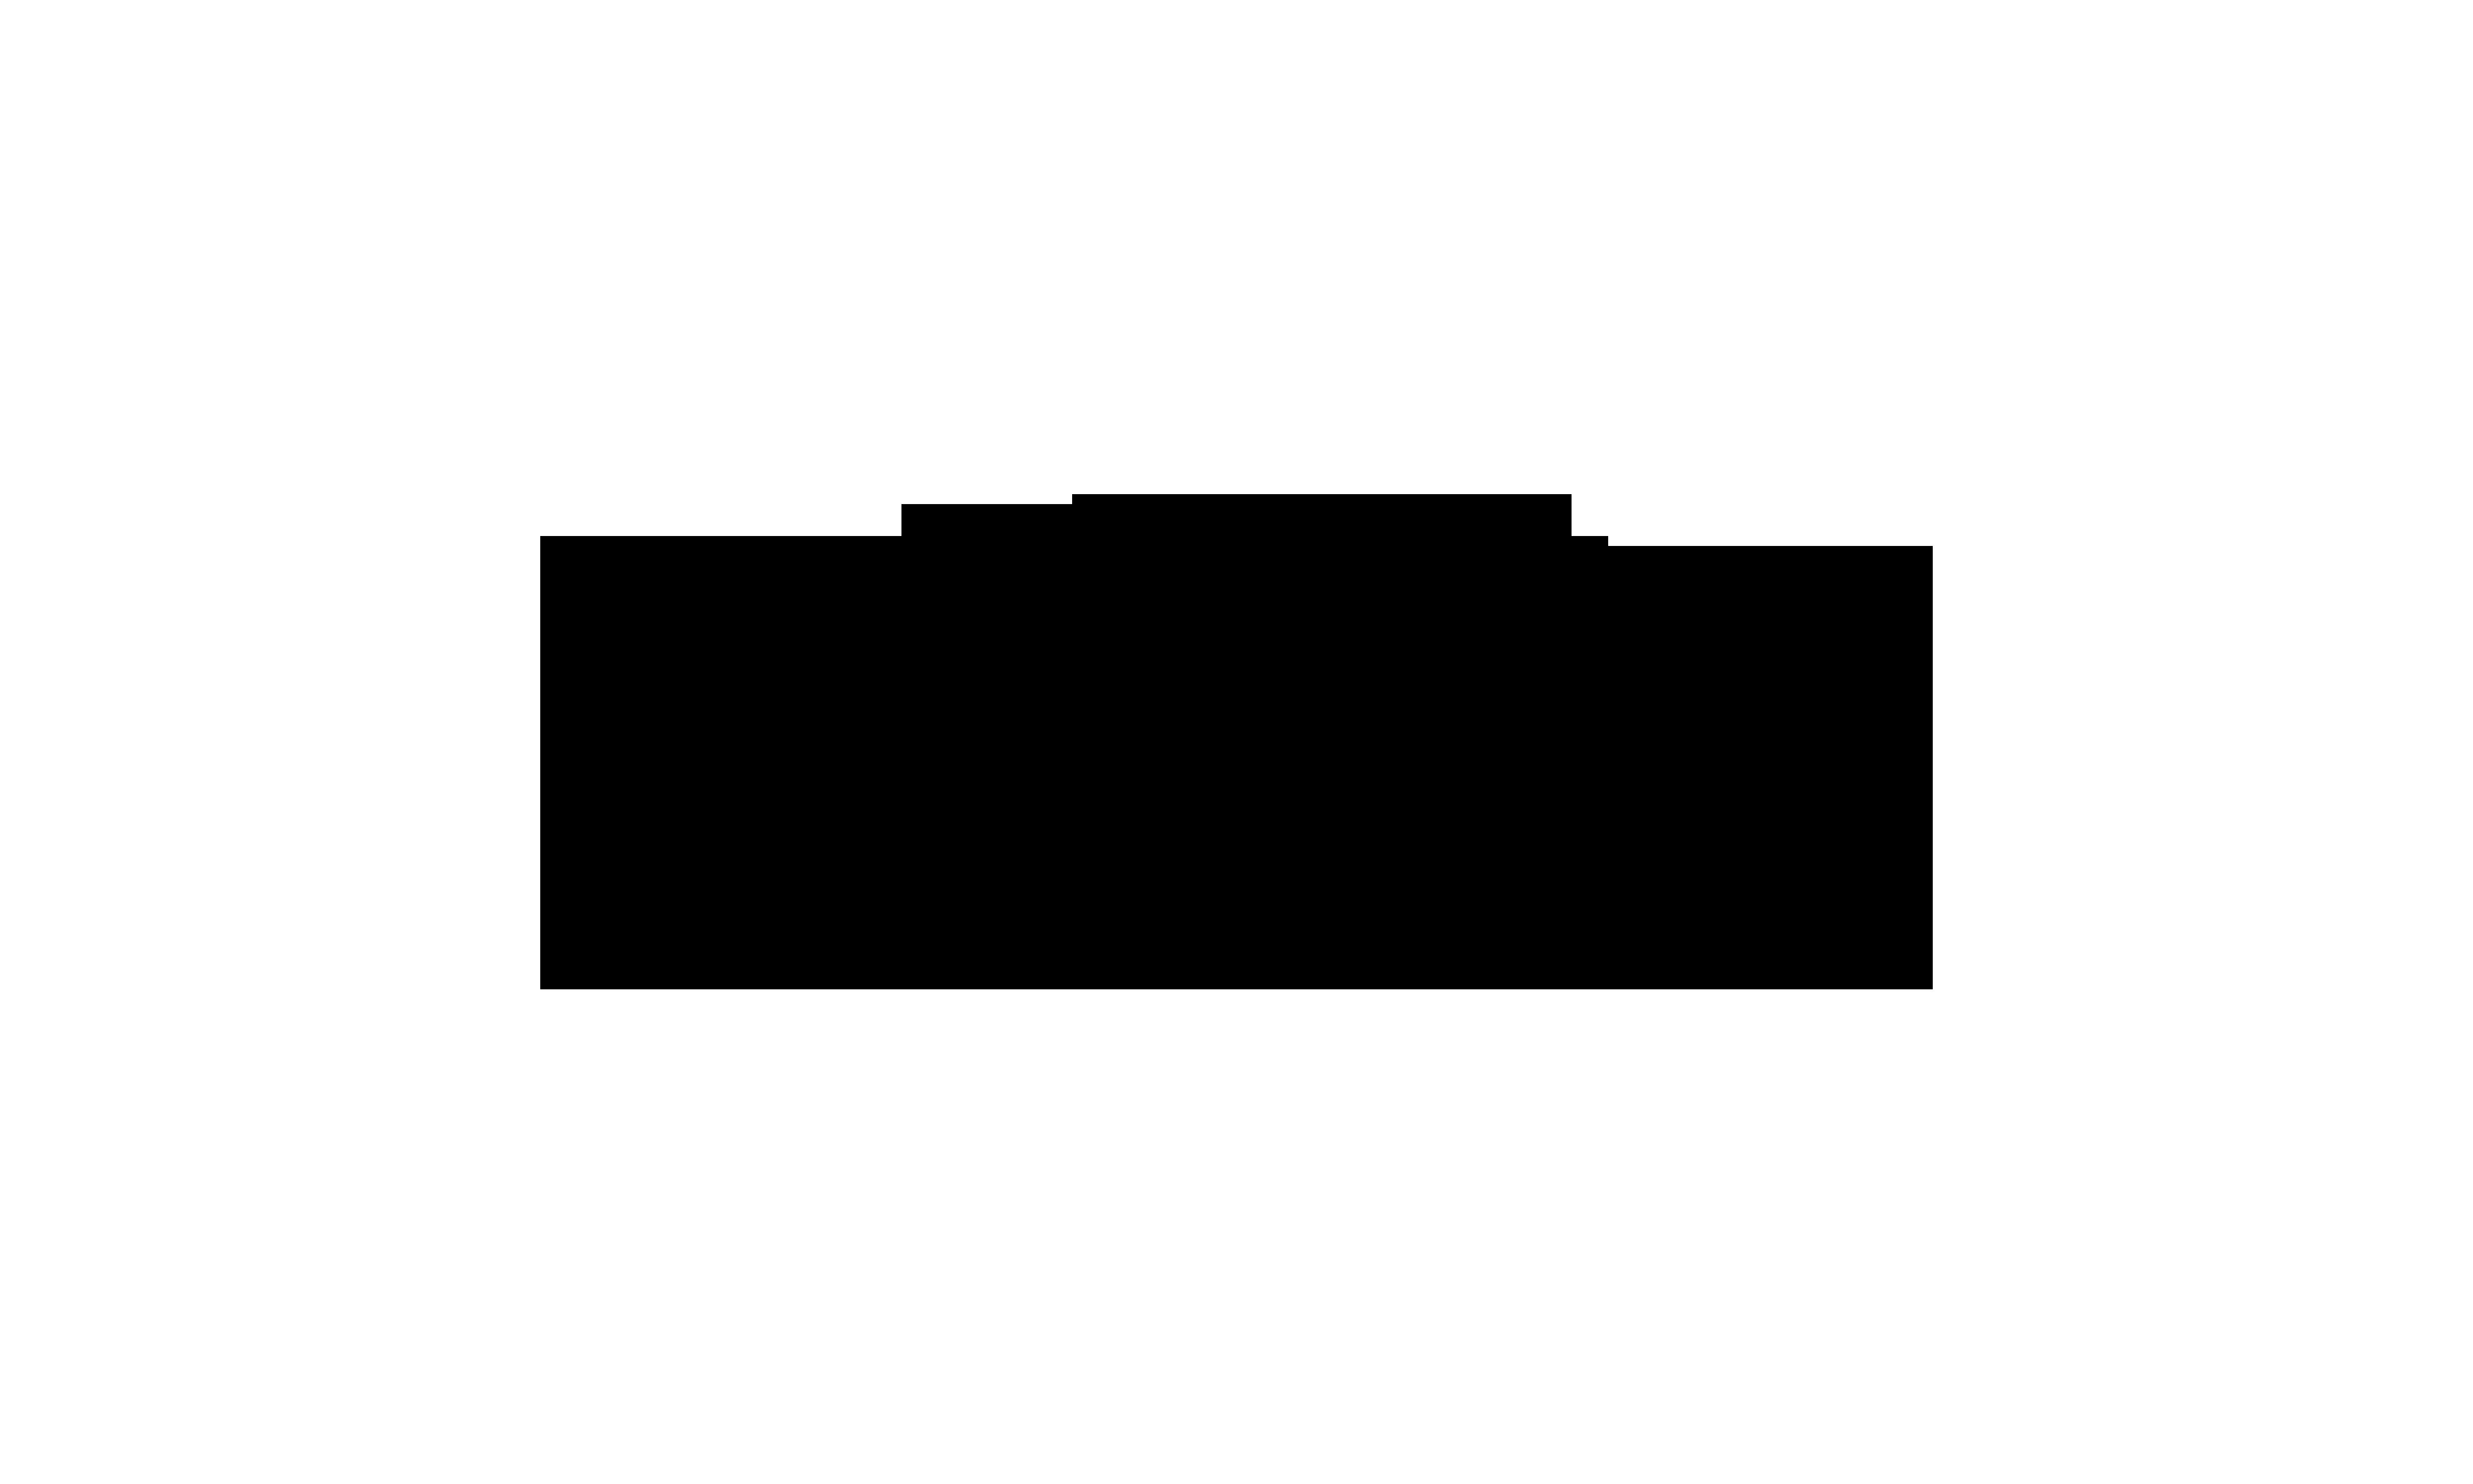 A93C46FB-3F97-44D8-9426-B86A476FA028-9058-000001A47A2C5557